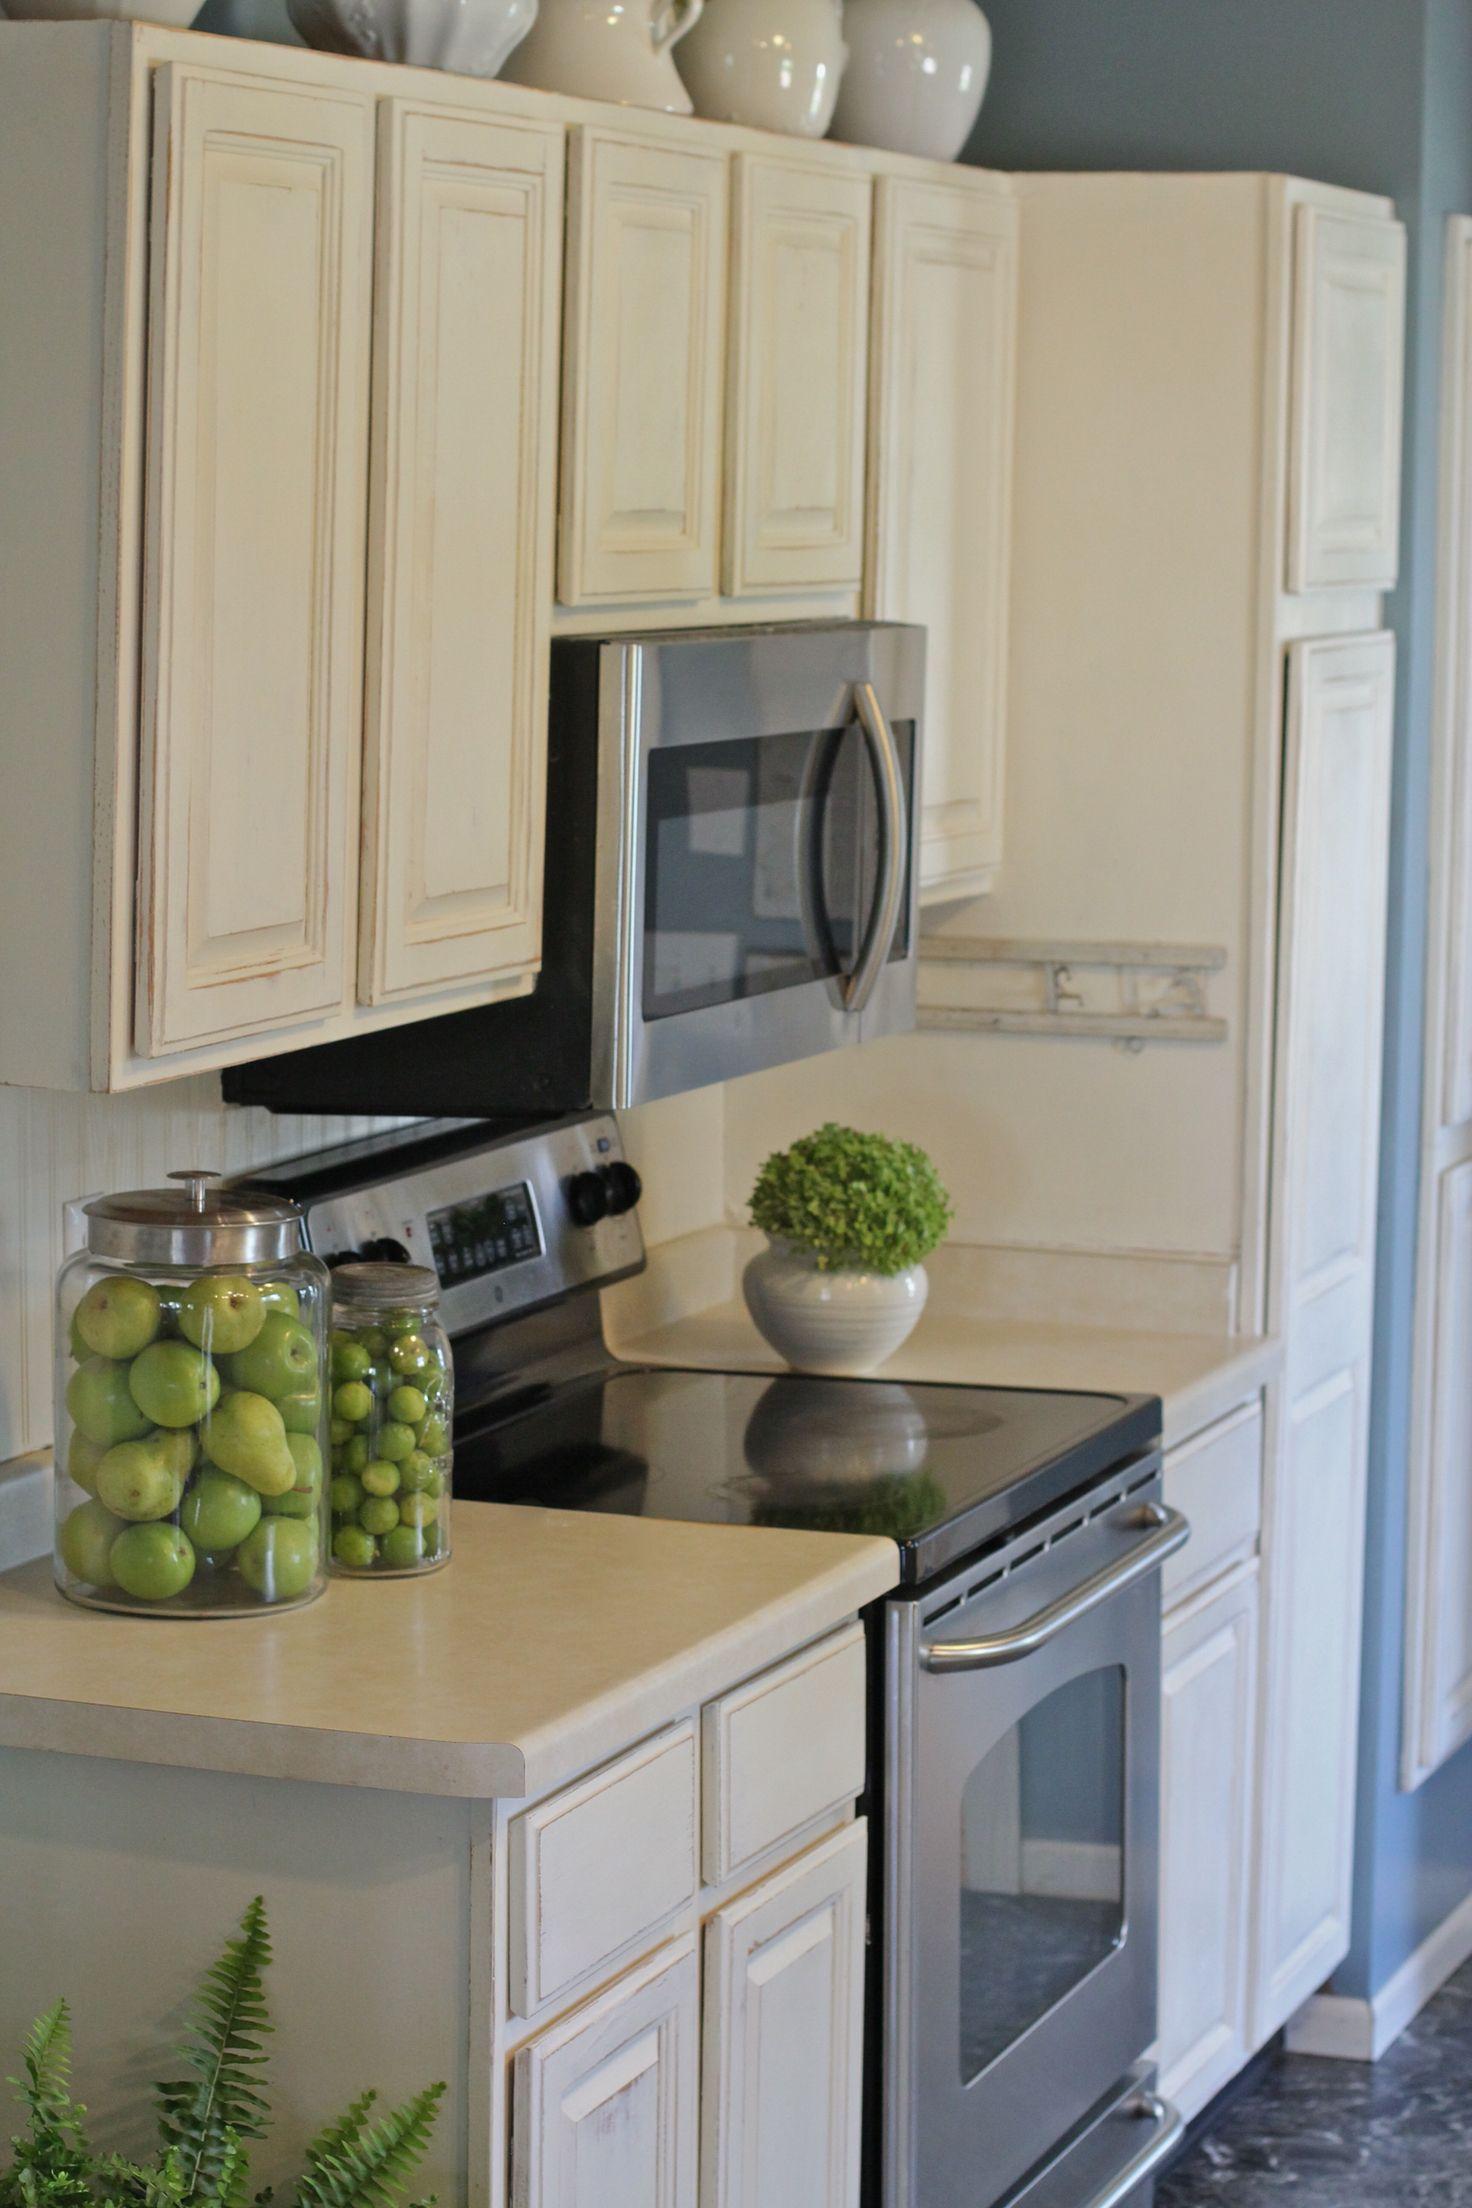 Annie Sloan Old White kitchen cabinet makeover ...